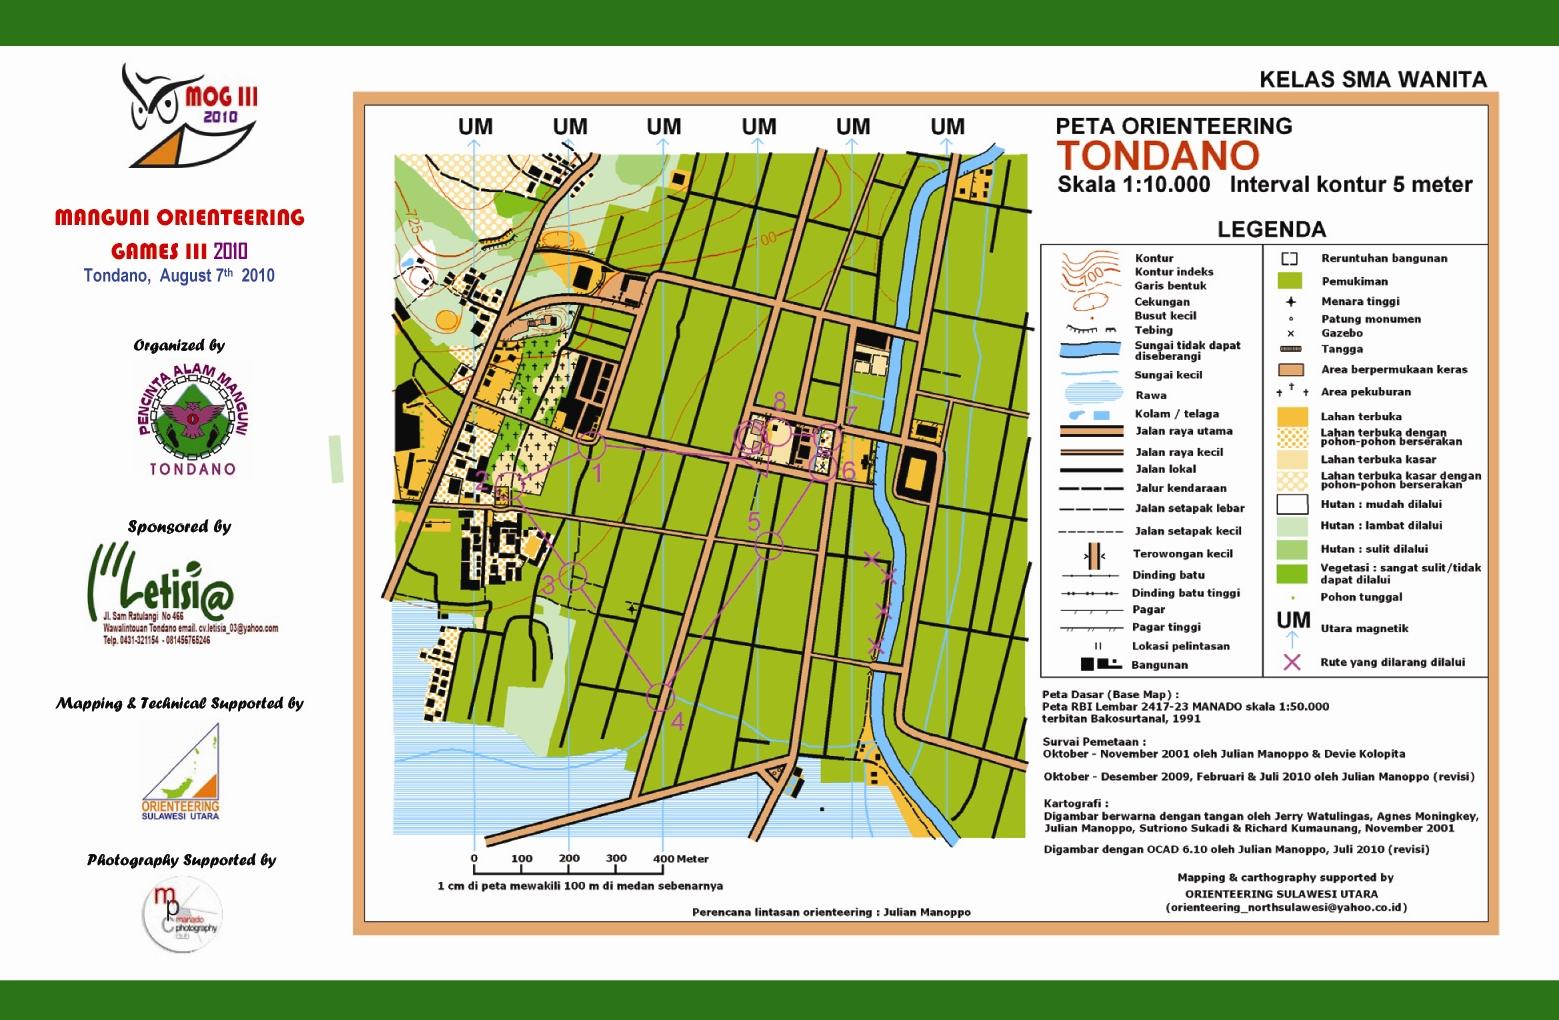 Peta orienteering in Indonesia